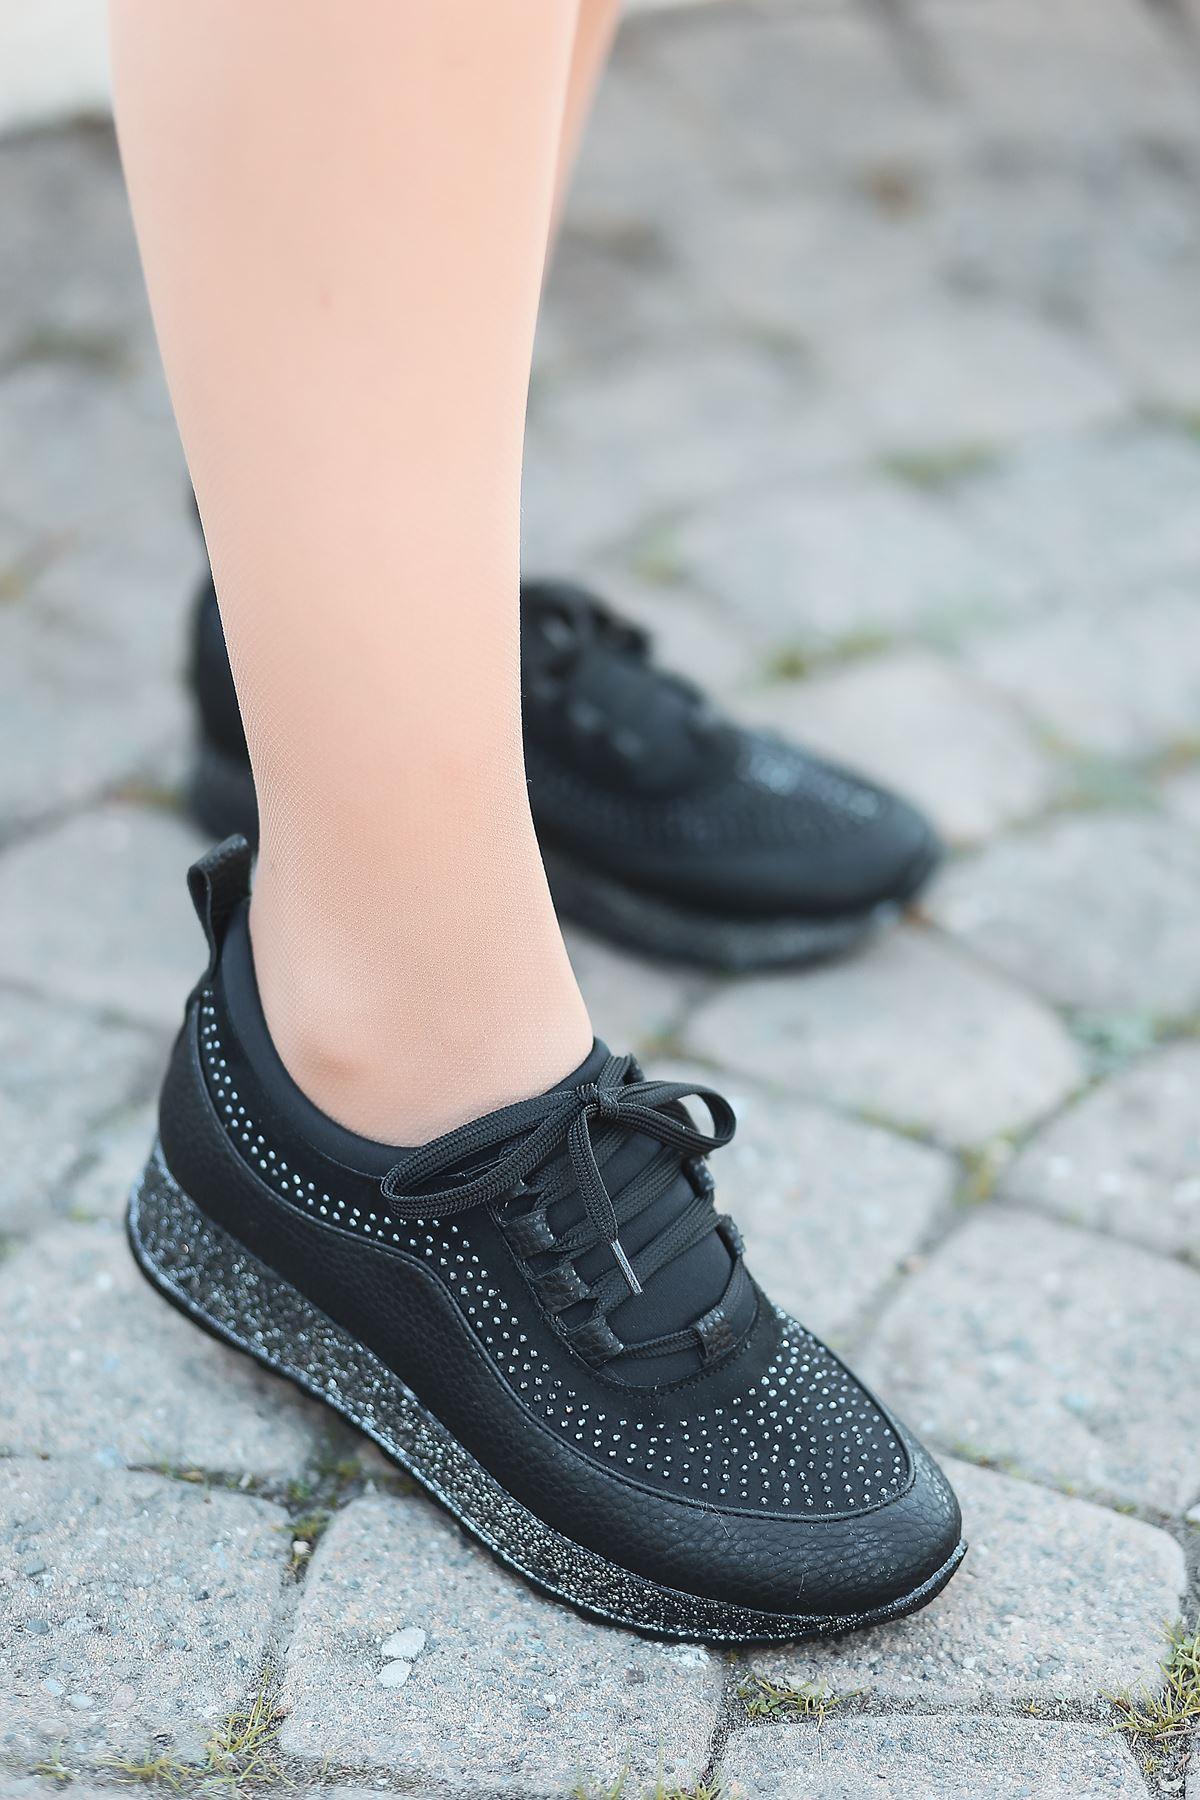 Mostar Bağcık Detaylı Taşlı Simli Taban Siyah Kadın Spor Ayakkabı